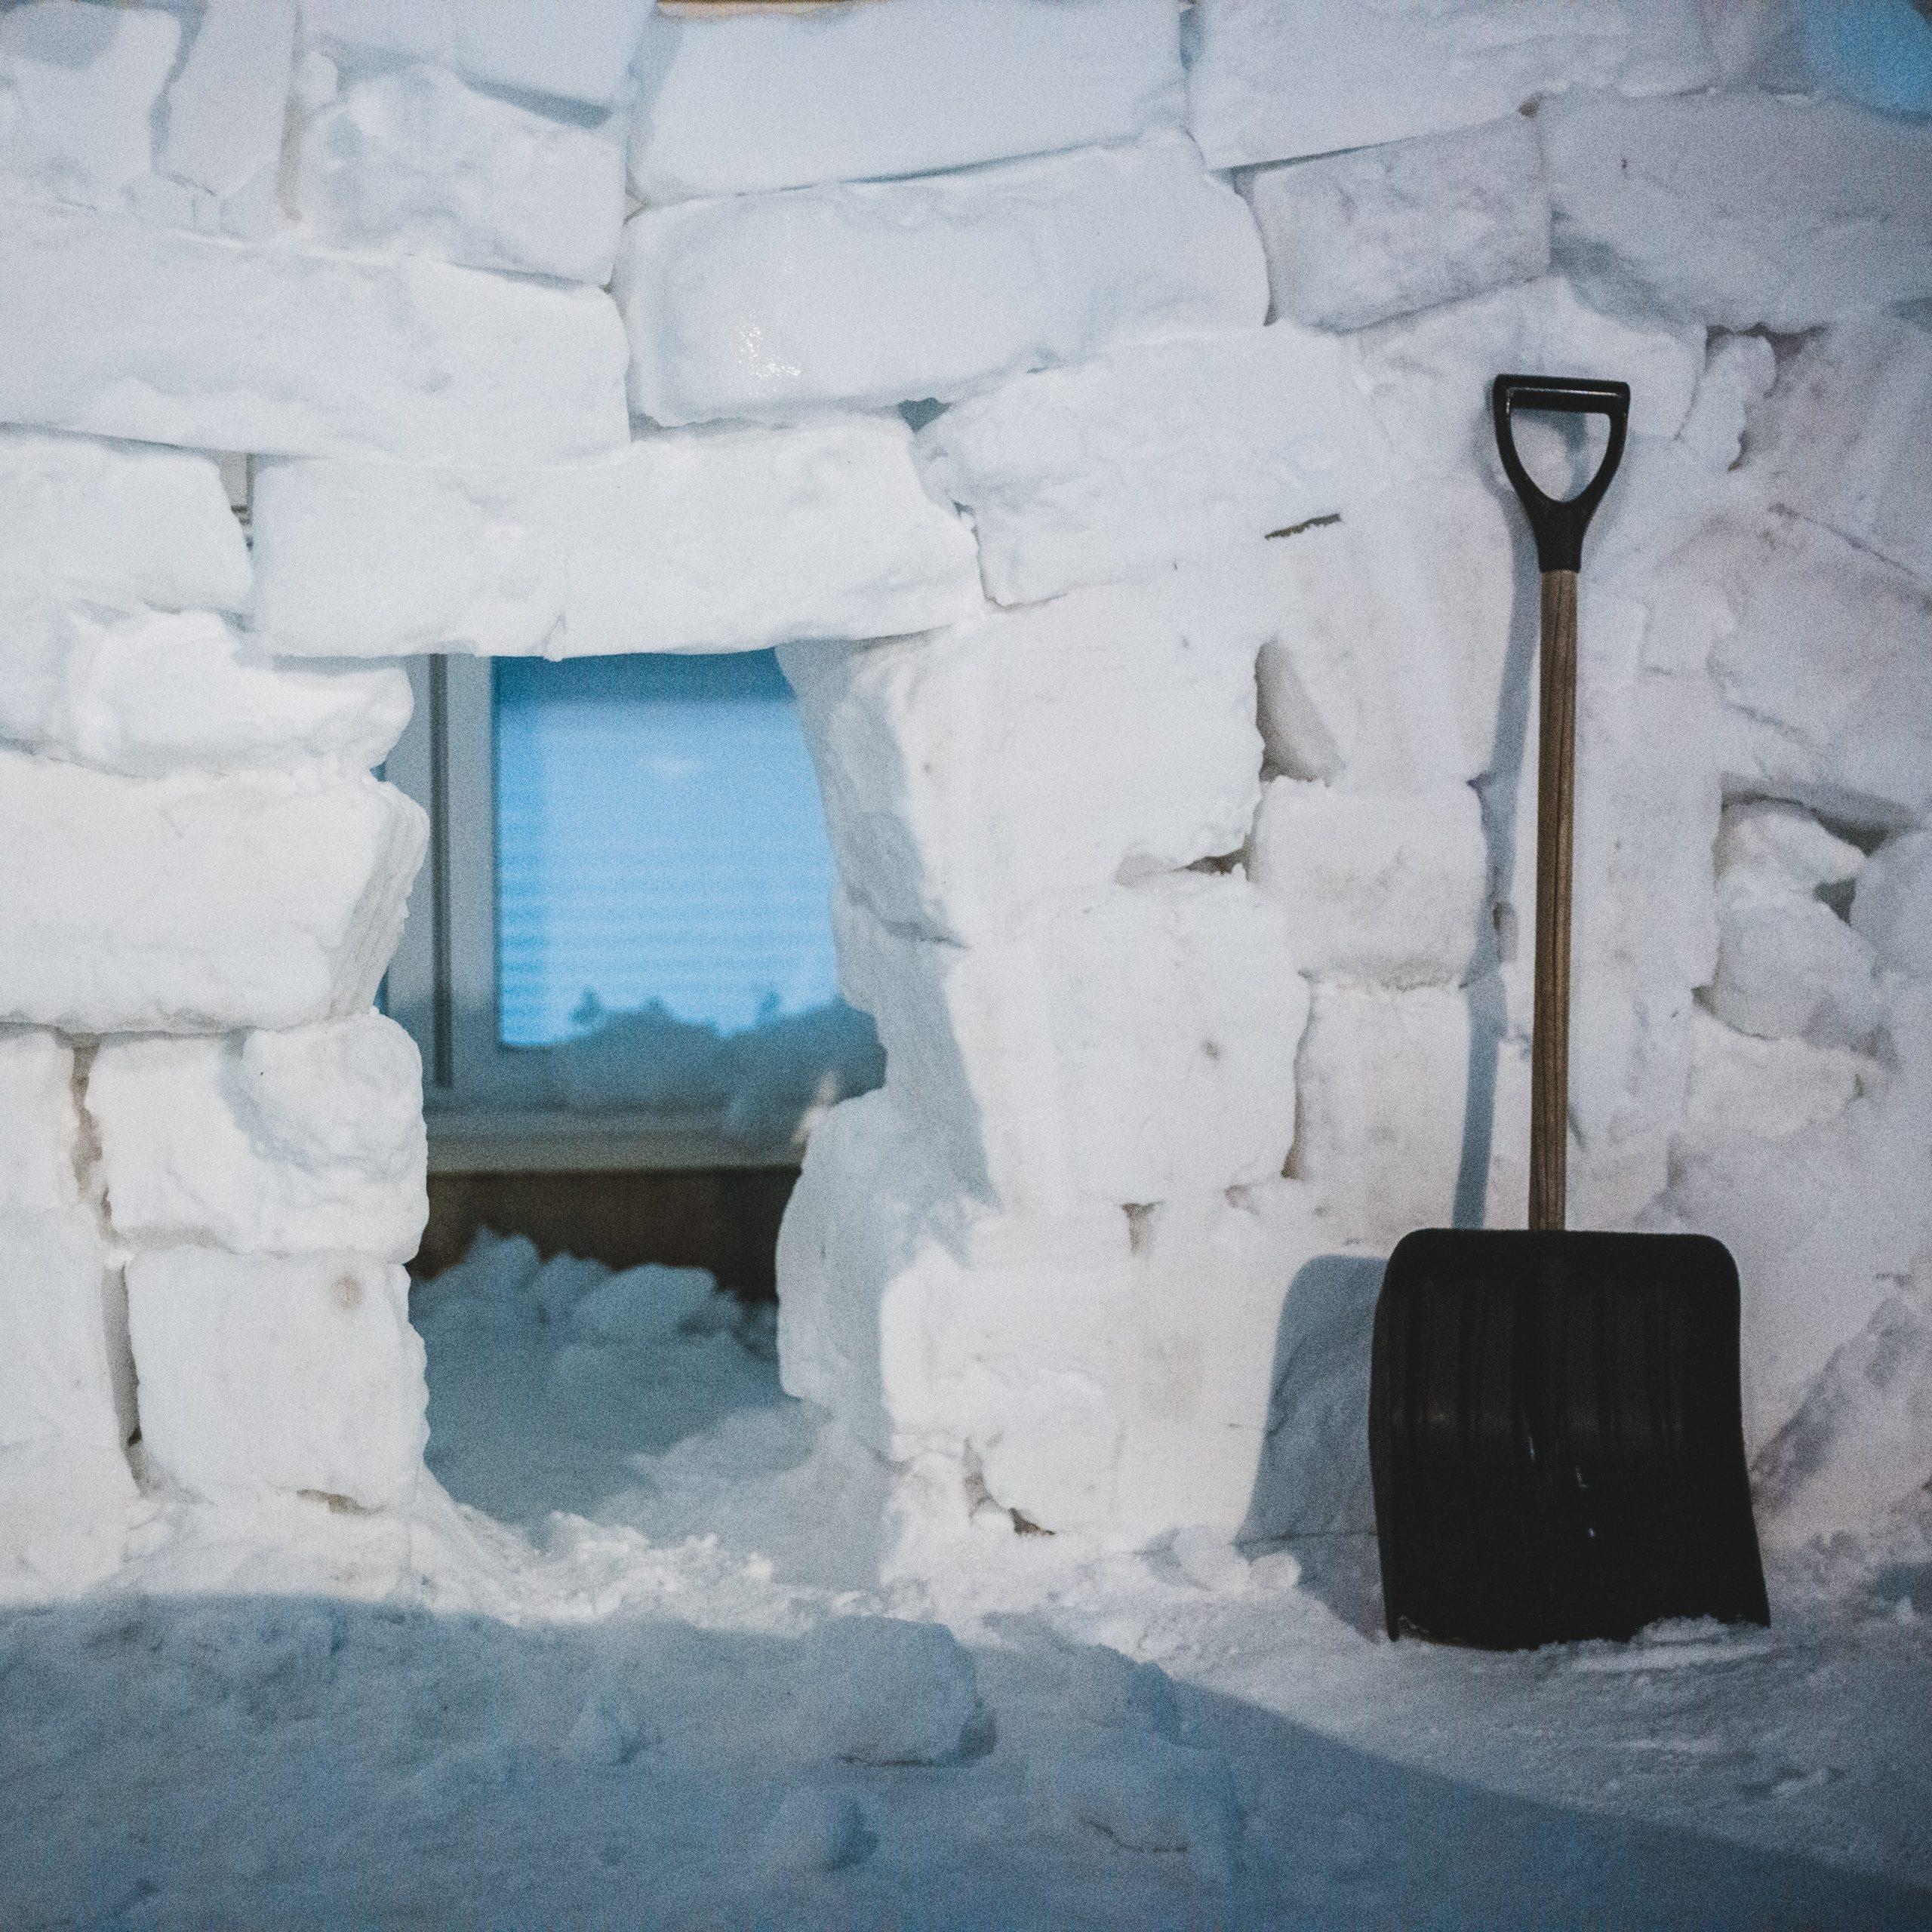 Schneeschieber: Test & Empfehlungen (09/20)